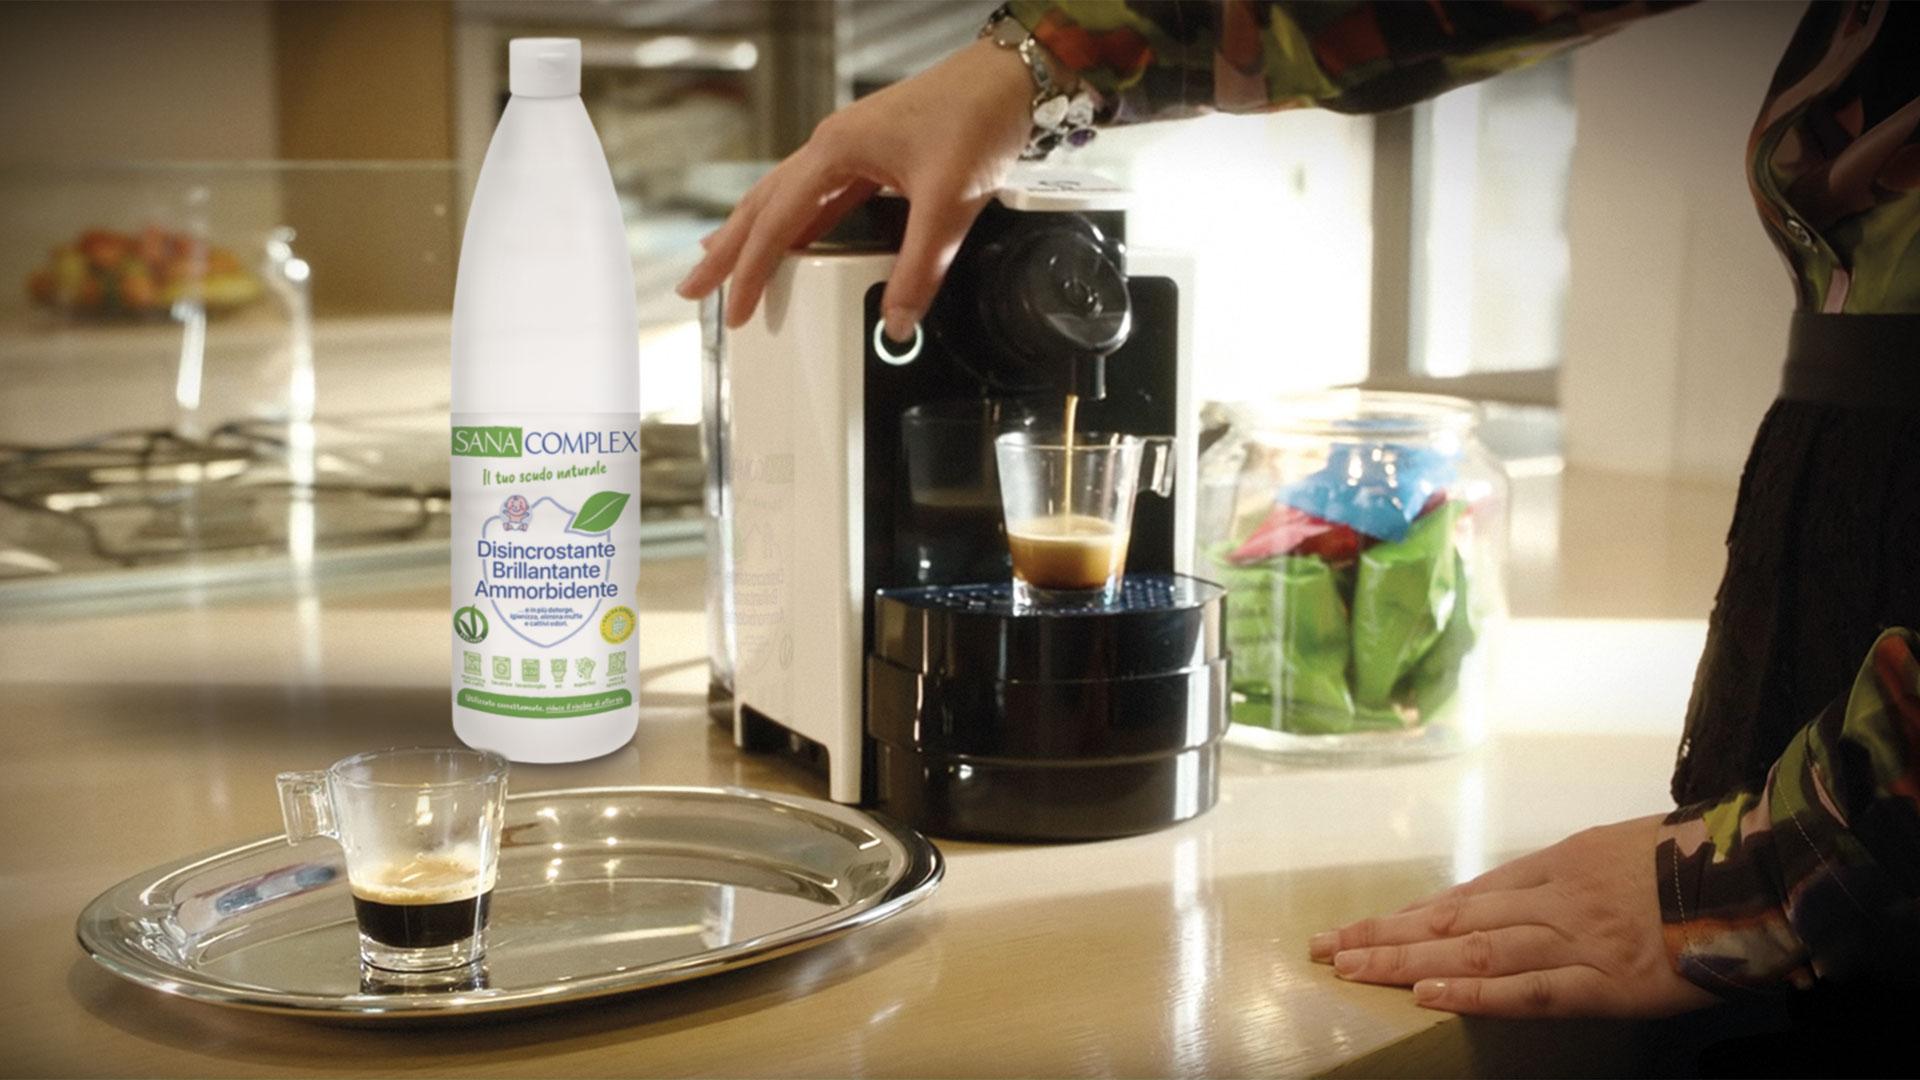 macchina-caffe-neramore-decalcificazione-sana-complex-mis